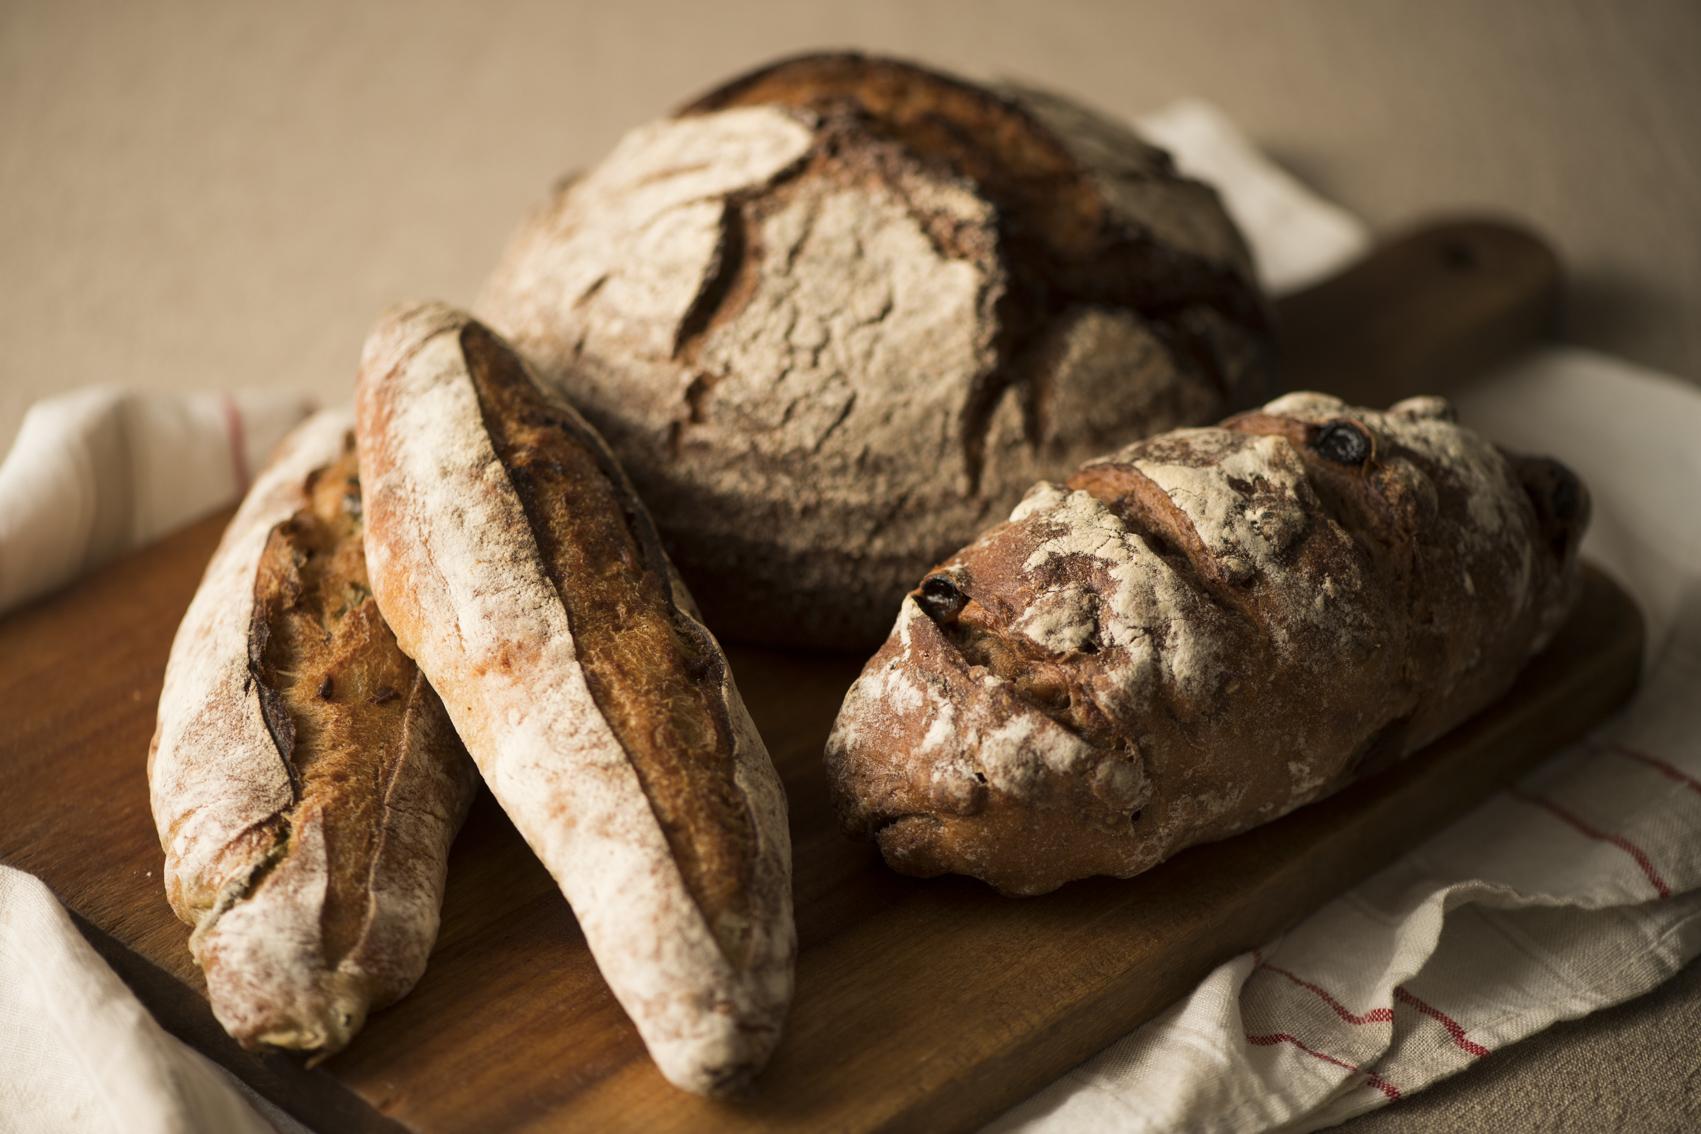 HPに載せているパンの写真はパン教室の先生からのご依頼が多いので「パンも撮れるんだ」と思っていただきたくて載せた写真です。